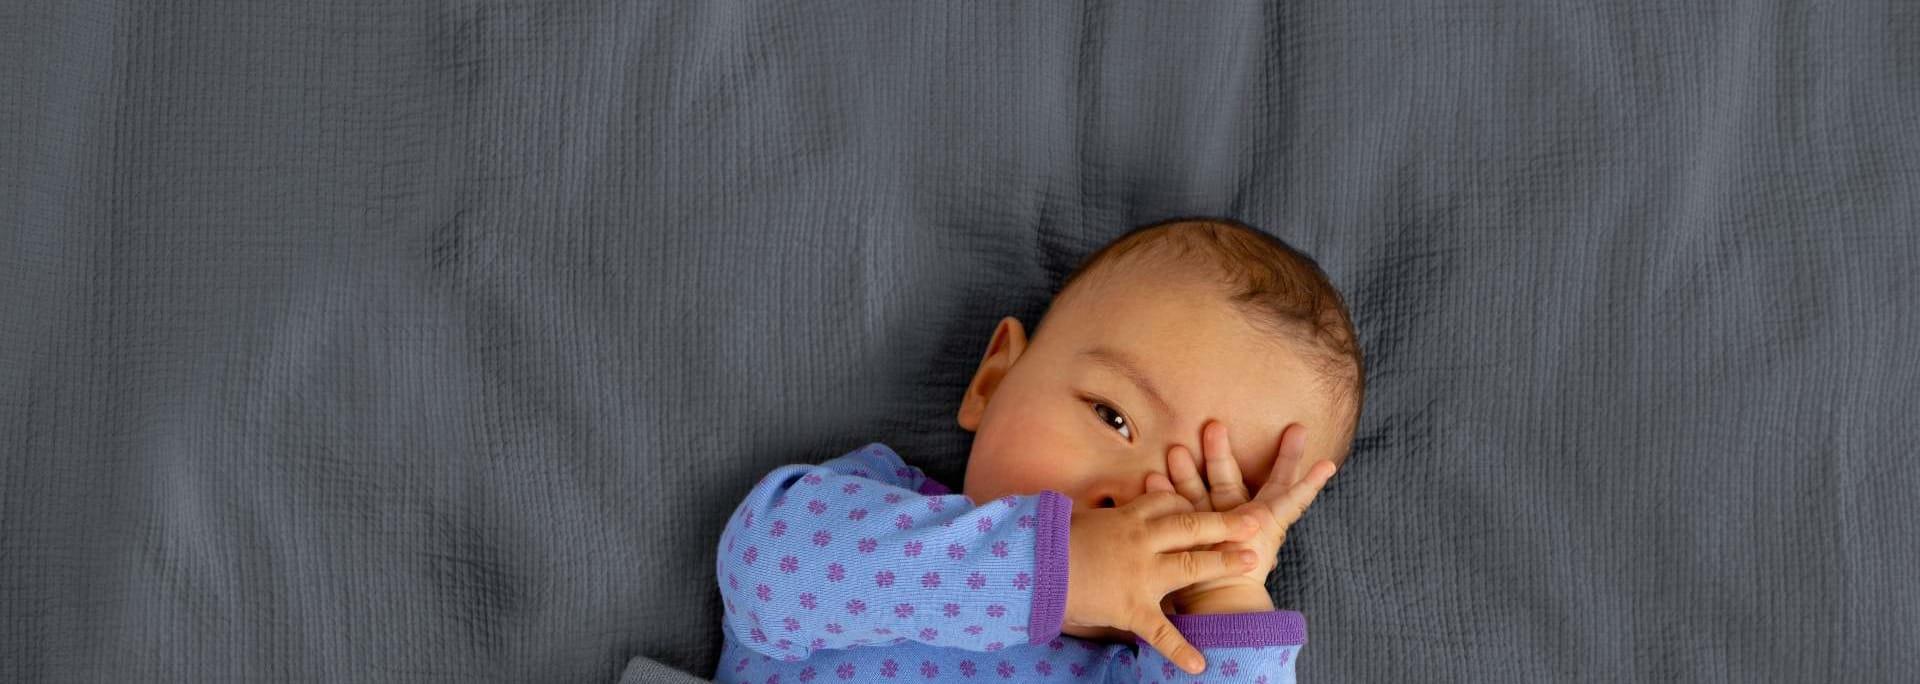 Barn ligger i säng med pyamas